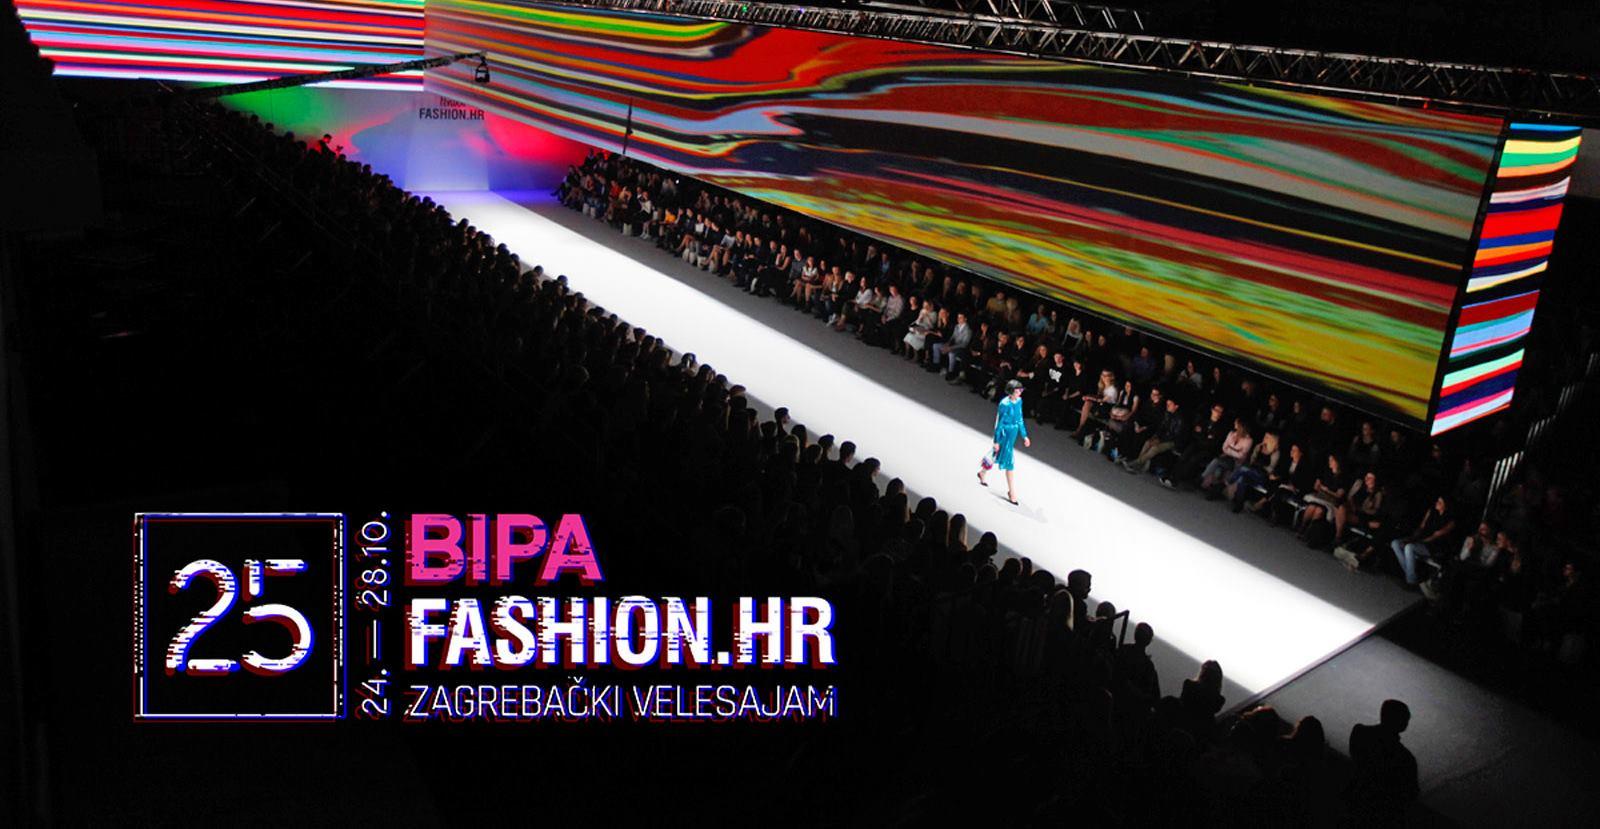 FOTO: BIPA FASHION.HR najavljuje početak tjedna mode i predstavlja lookbook